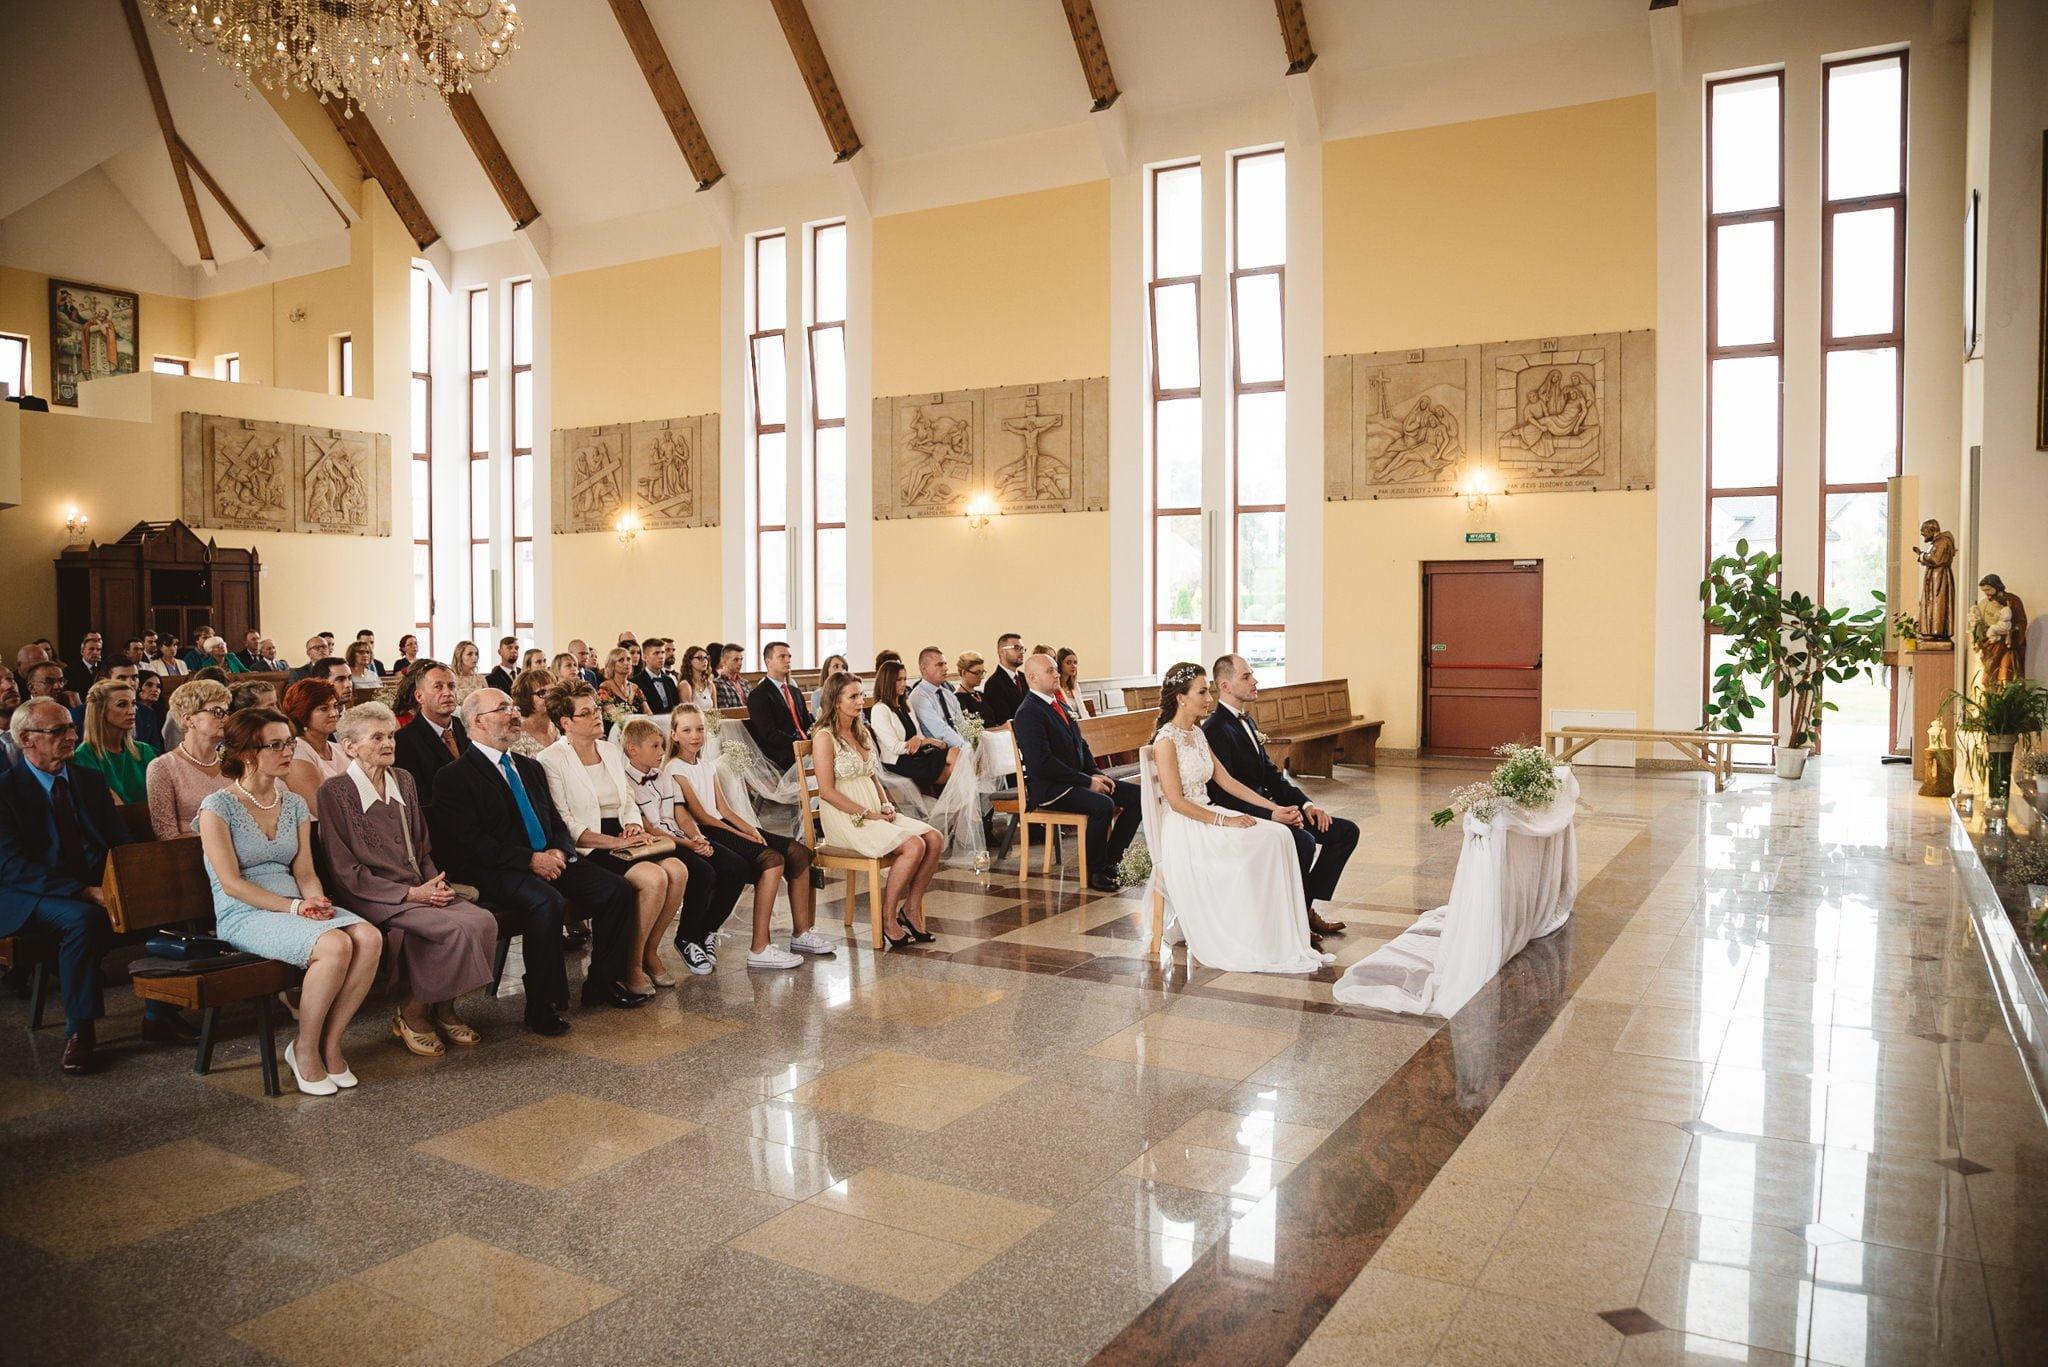 Ala i Arek, czyli jak zorganizować ślub i wesele w 4 tygodnie! 77